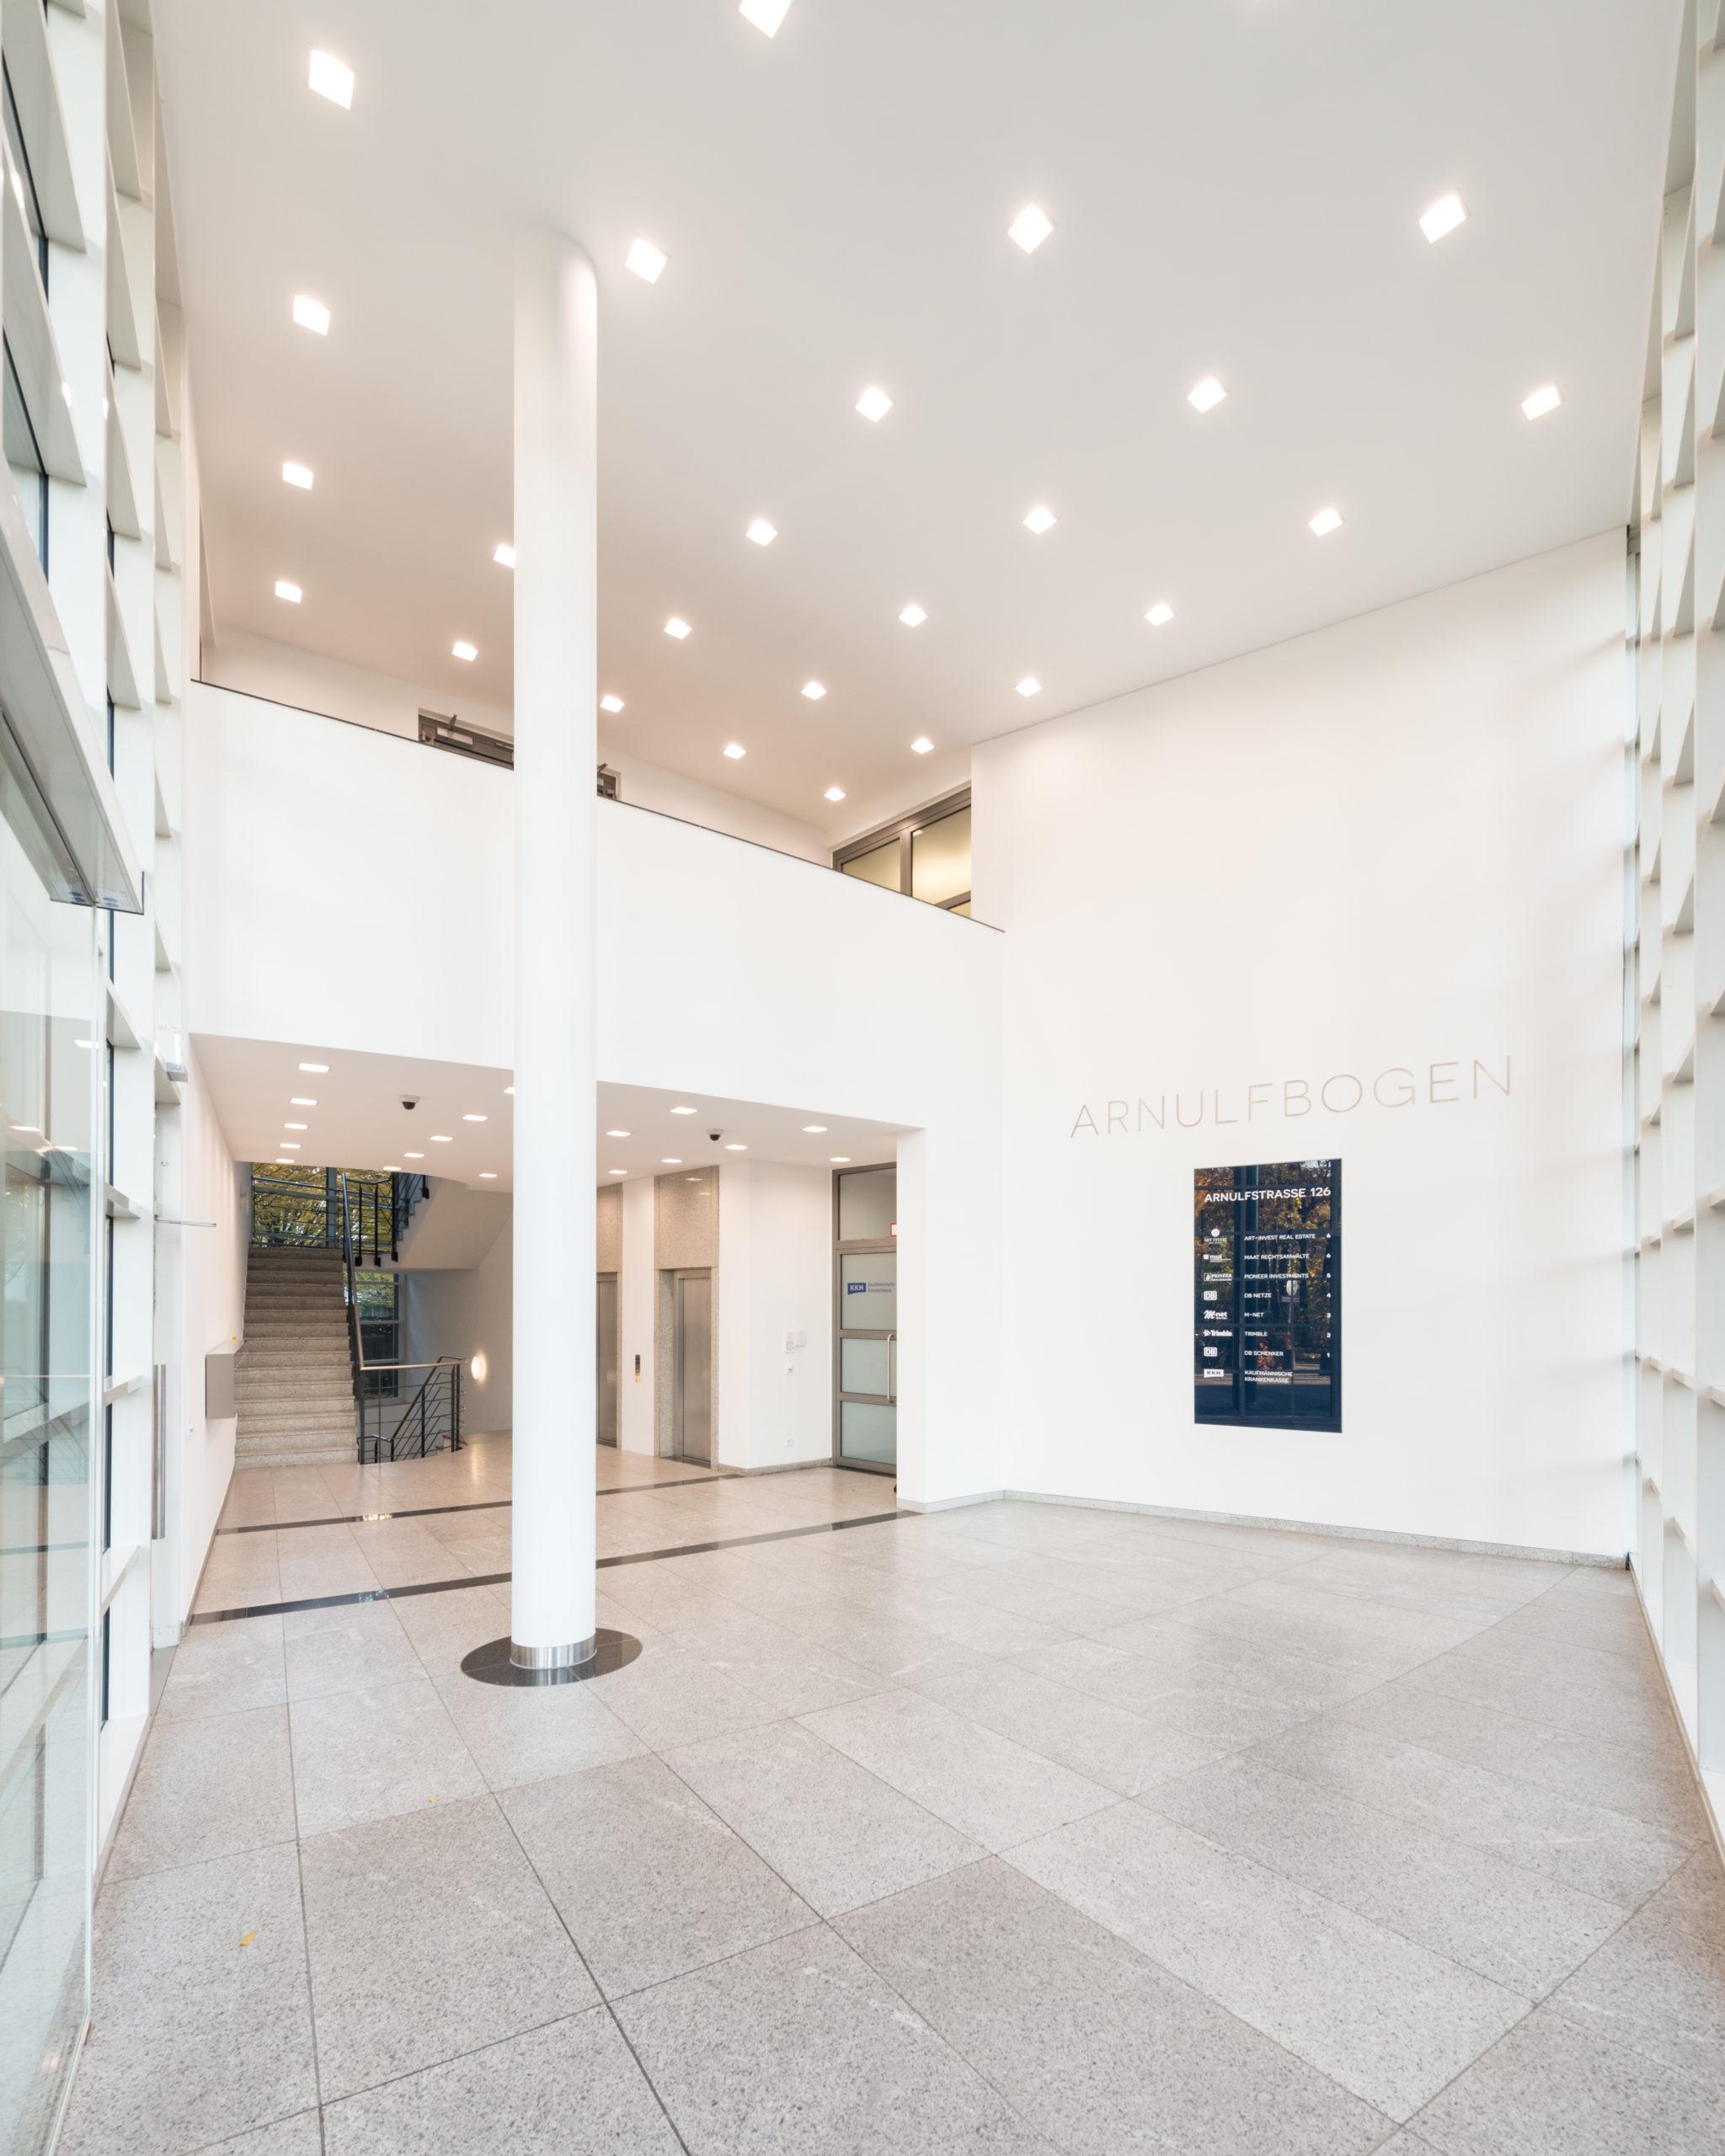 Arnulfbogen Galerie München